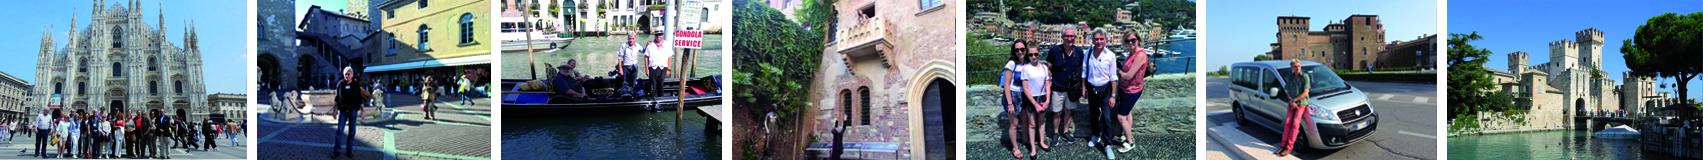 Norte da Itália visitas guiadas Tours